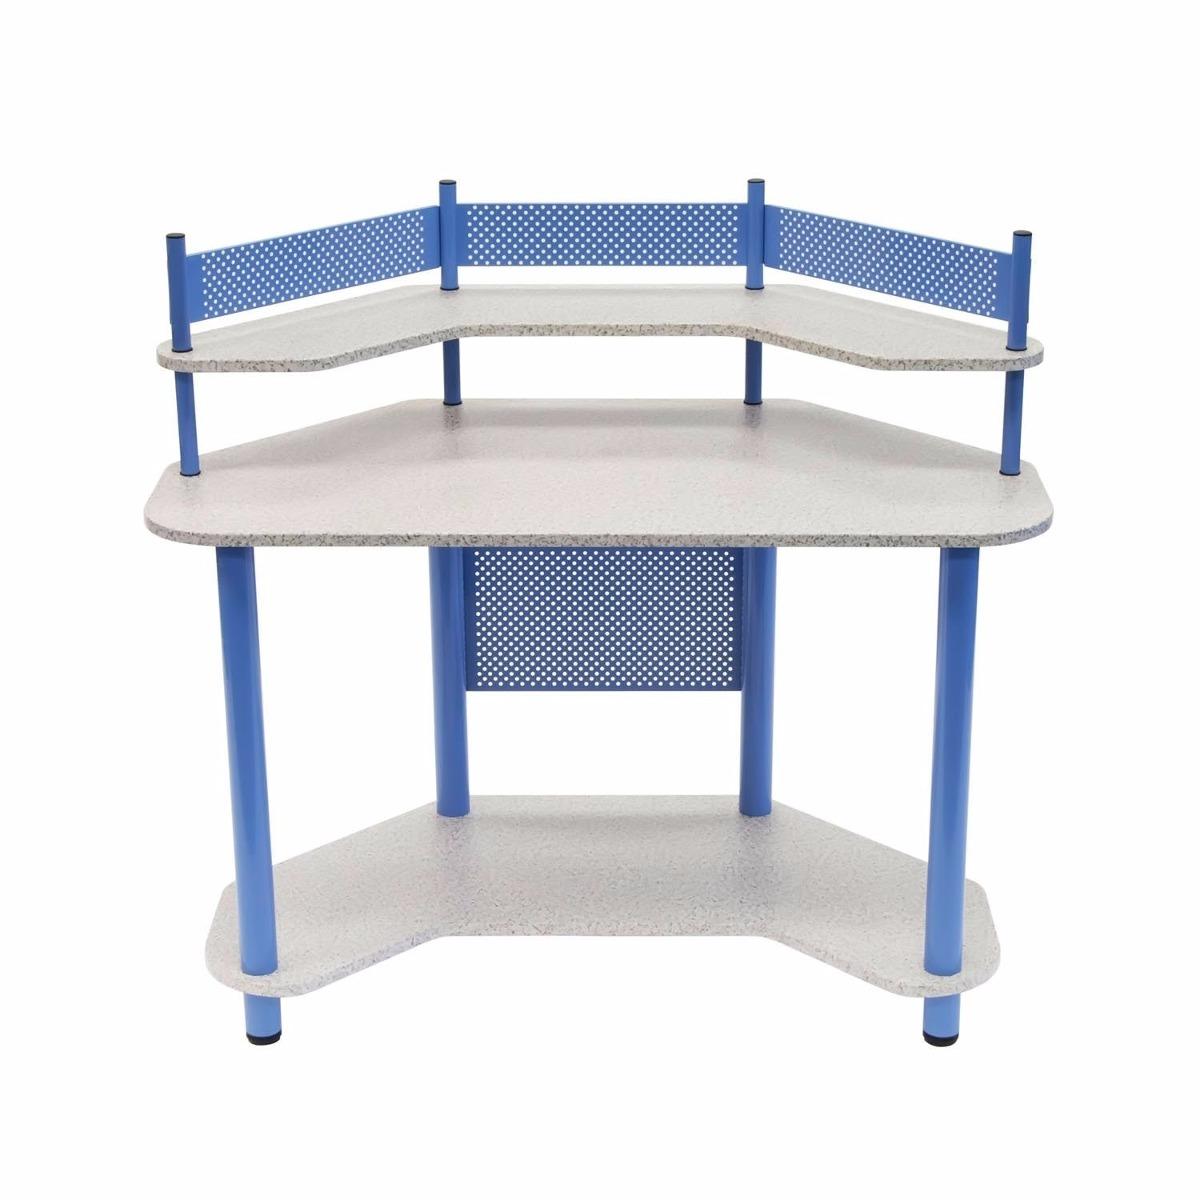 Escritorio mesa de trabajo esquinero madera y acero azul for Mesa de esquinero